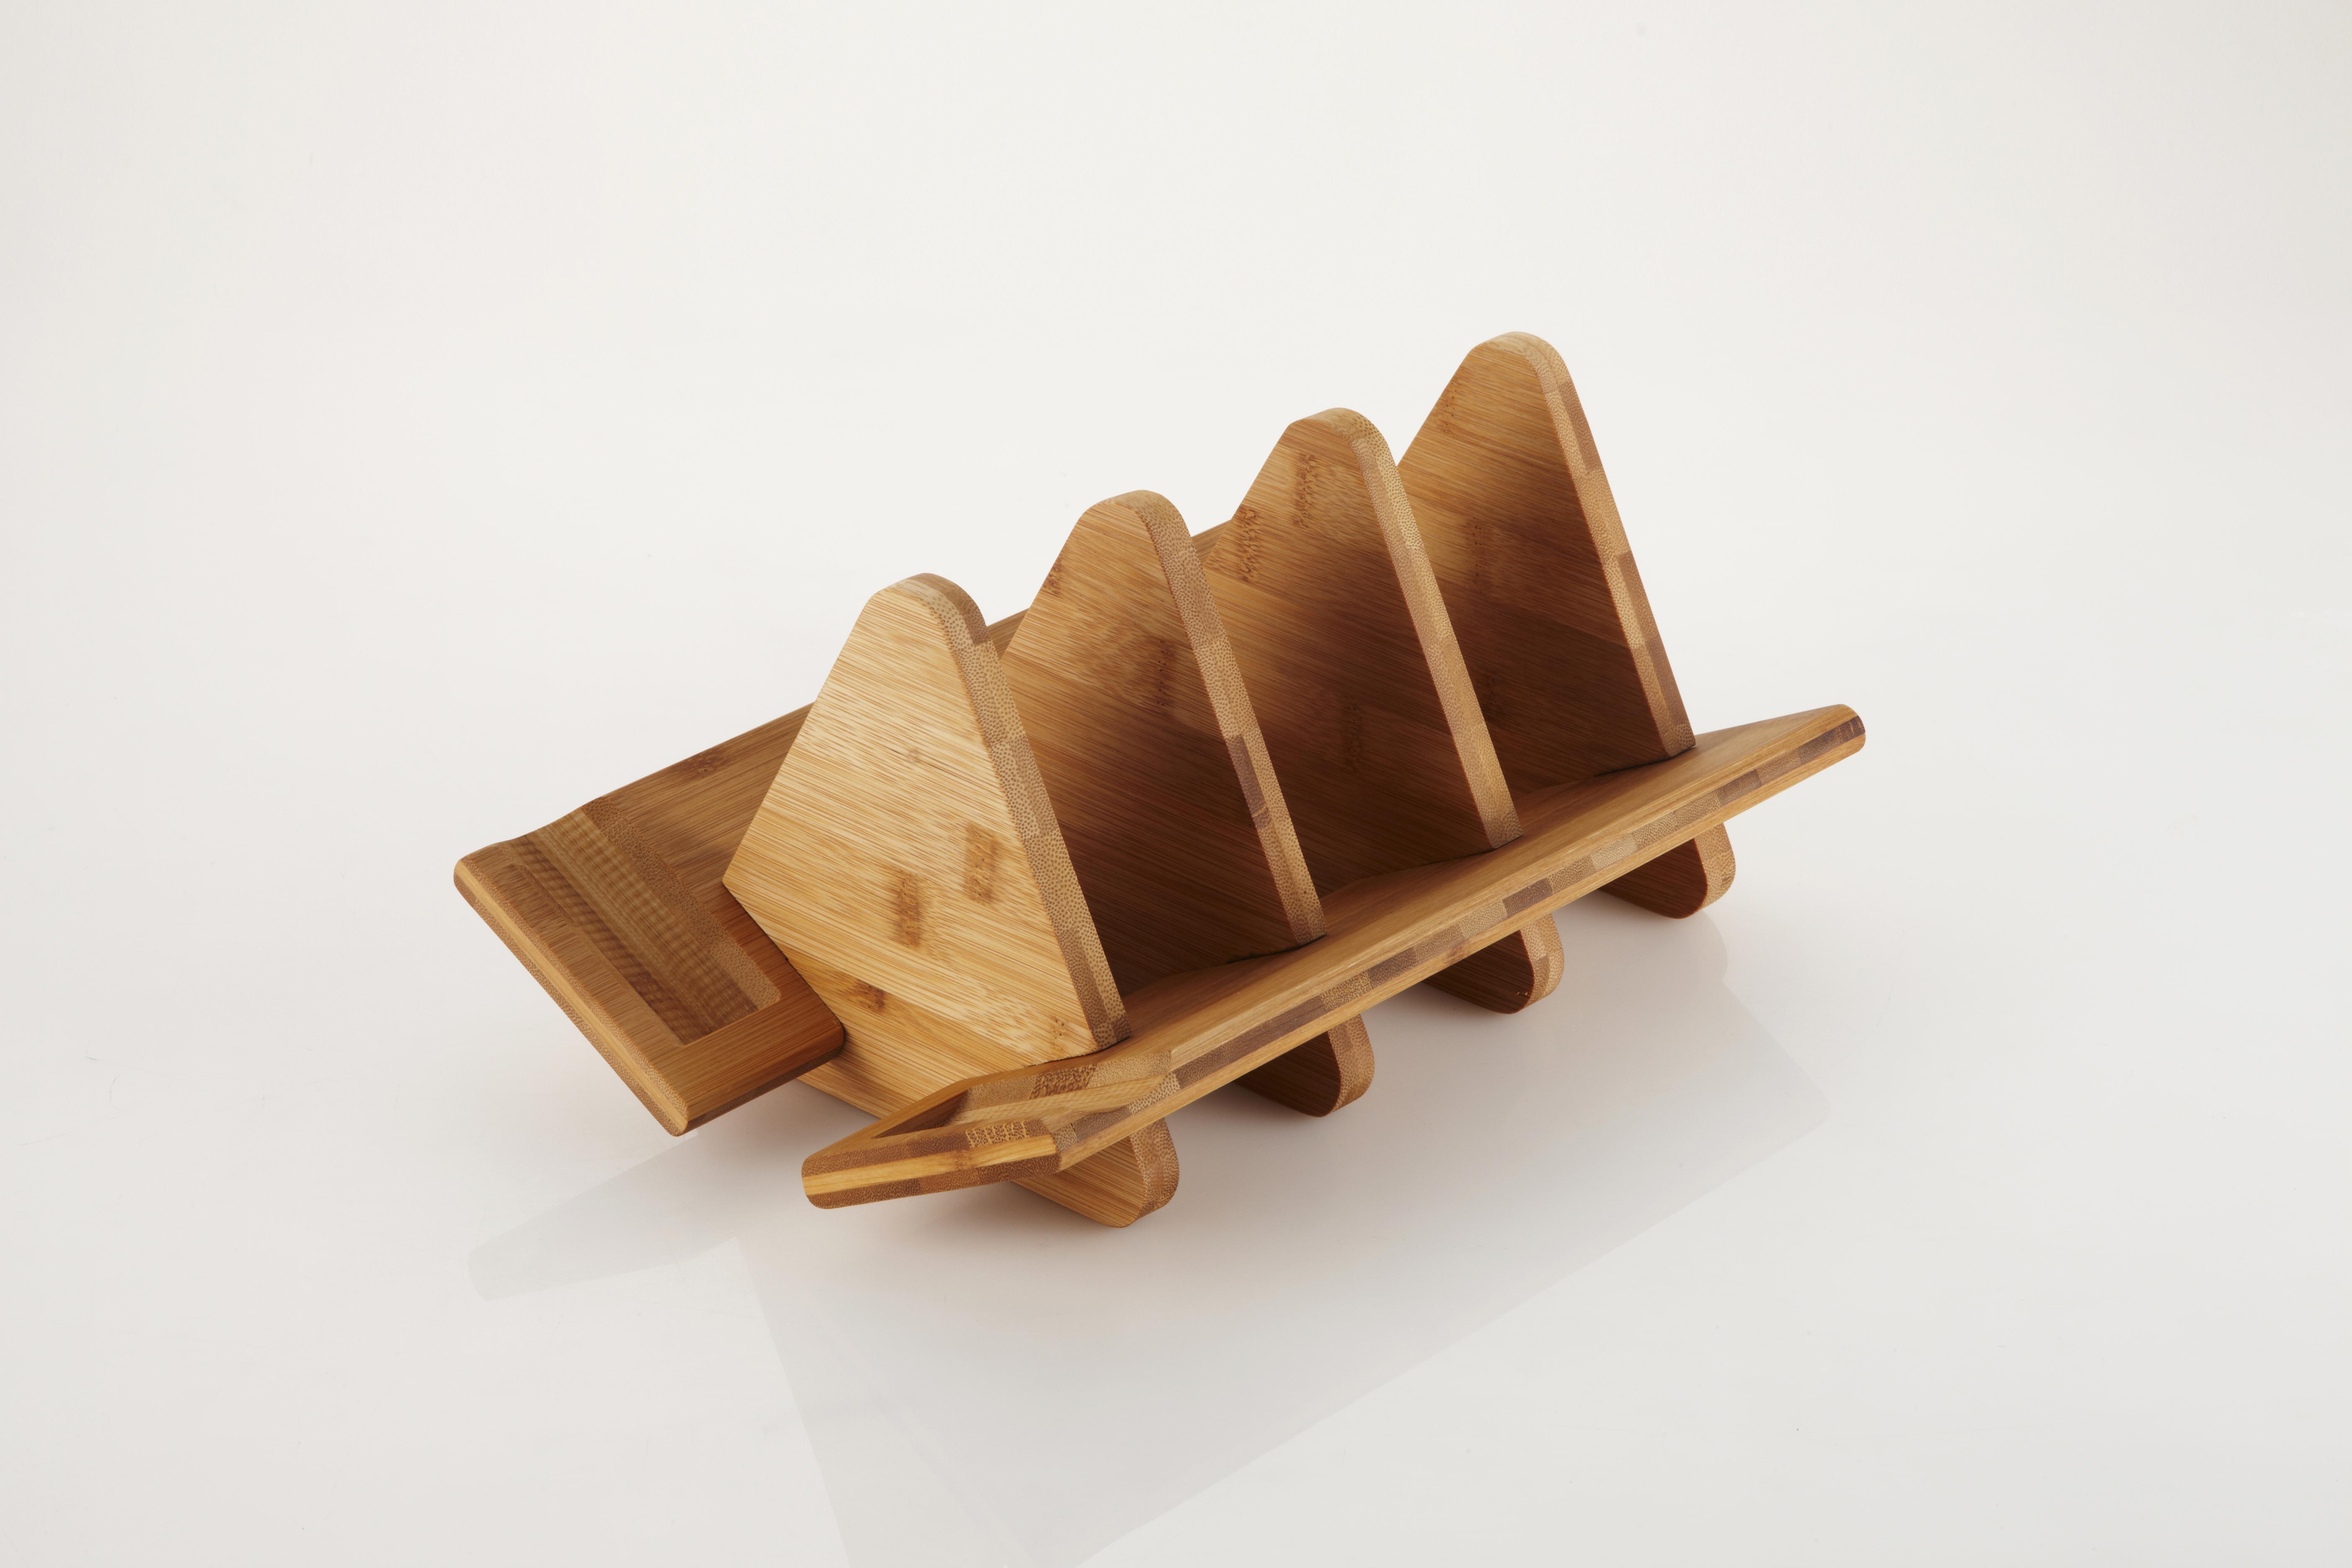 Подставка для посуды Frybest. MyPan-WDRMyPan-WDRБамбуковая подставка из коллекции MyPan предназначена для компактного и удобного хранения посуды. Превращайте коллекцию посуды в стильный элемент интерьера одним движением! Экологичная, удобная и стильная подставка из бамбука легко собирается и надежно удерживает ваши любимые волшебные сковородки.